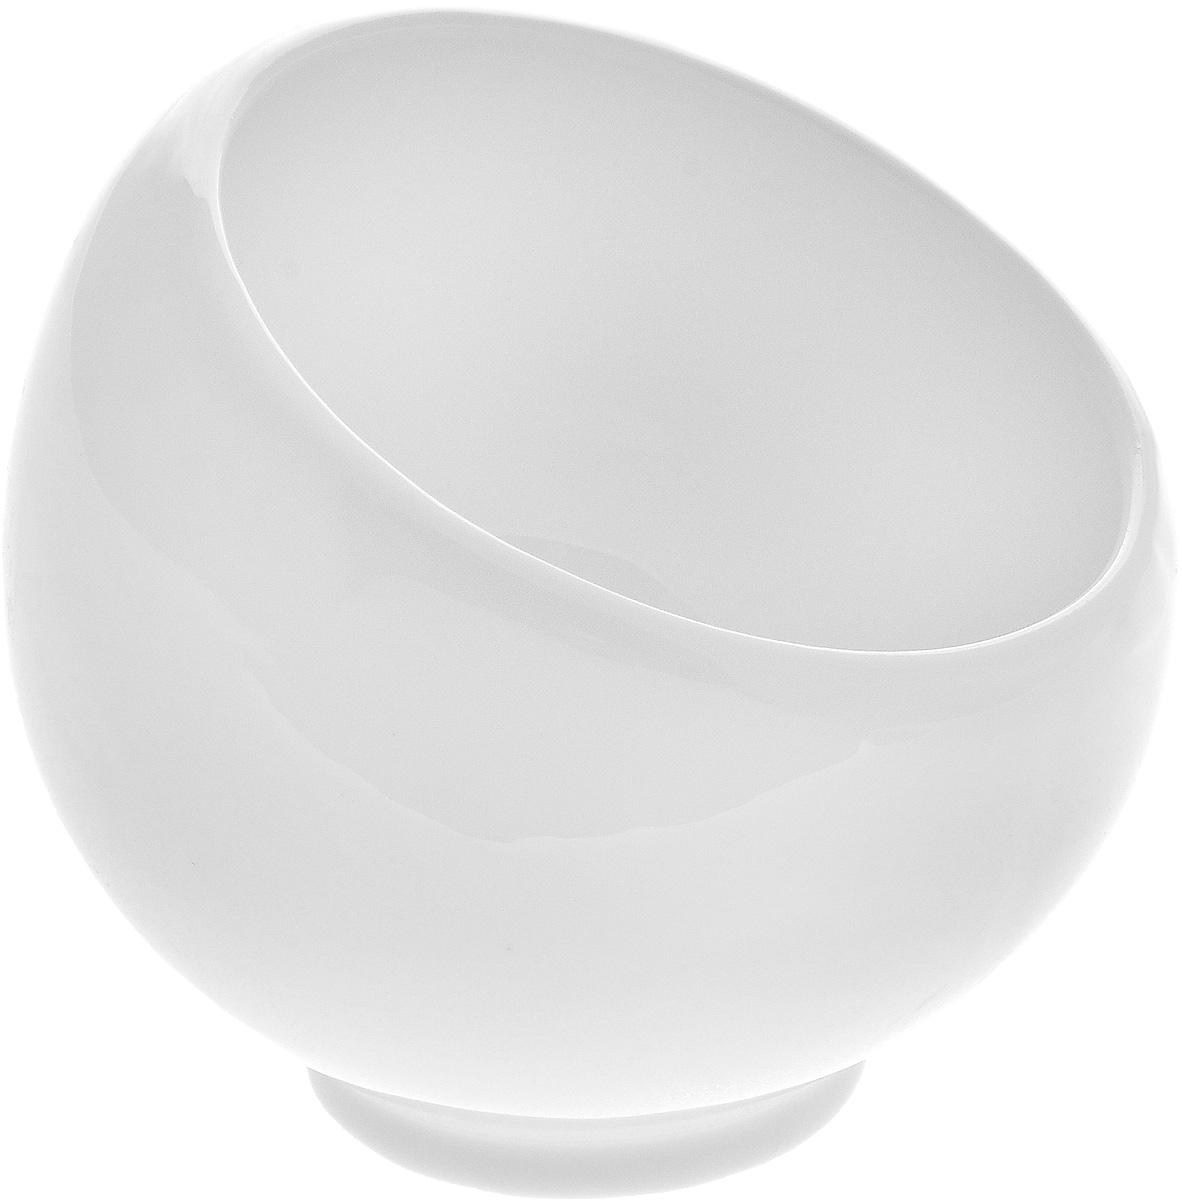 Сахарница Wilmax, 220 млWL-995000 / AСахарница Wilmax выполнена из высококачественного фарфора с глазурованным покрытием. Изделие имеет элегантную форму и может использоваться в качестве креманки. Десерт, поданный в такой посуде, будет ещё более сладким. br>Сахарница Wilmax станет отличным дополнением к сервировке семейного стола и замечательным подарком для ваших родных и друзей.Можно мыть в посудомоечной машине и использовать в микроволновой печи. Диаметр (по верхнему краю): 8,5 см. Высота (без учета крышки): 9 см.